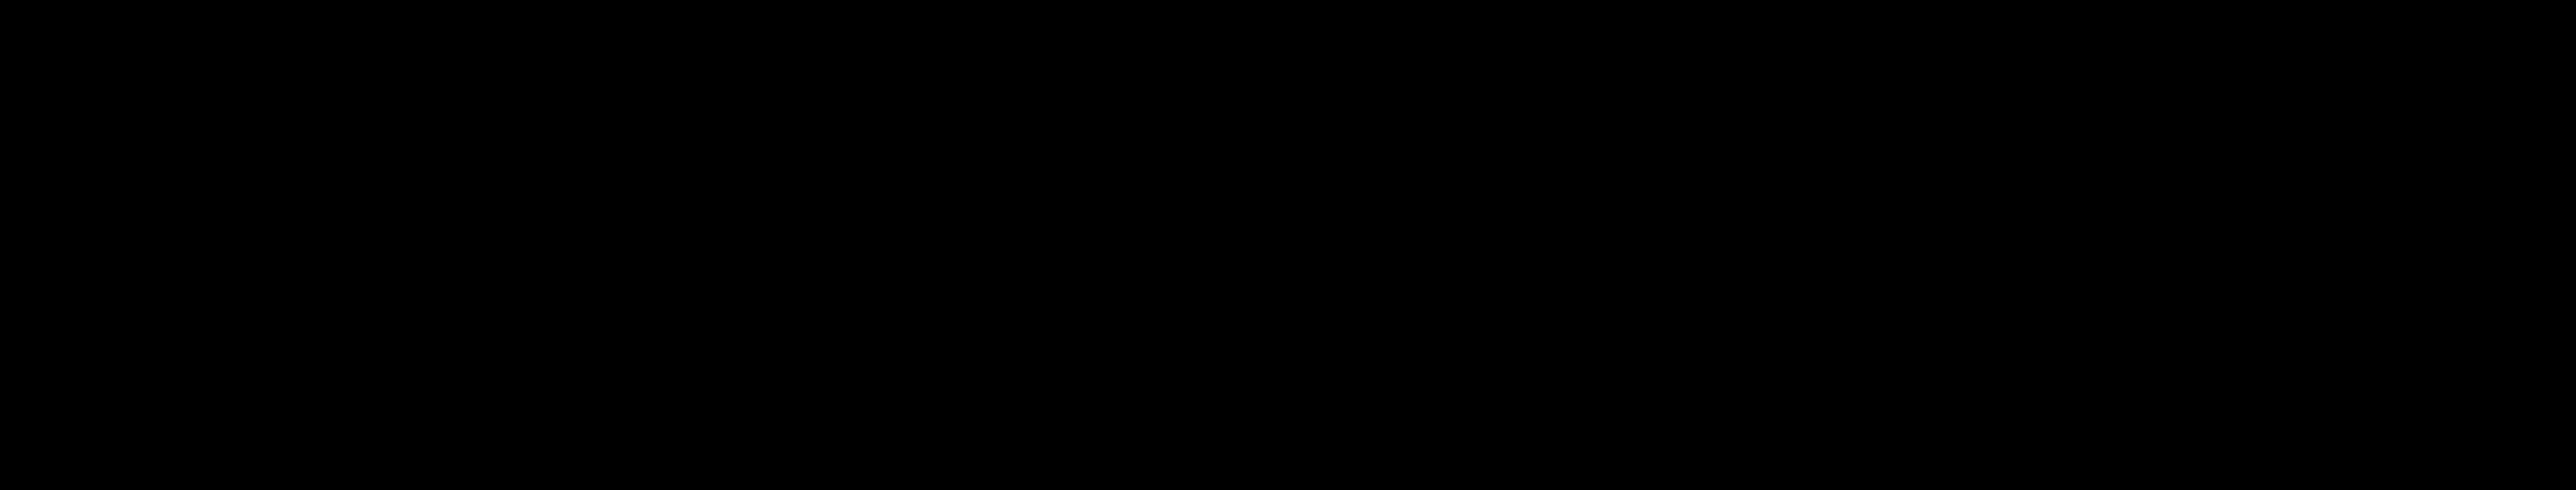 wise up logo 1 - Wise Up Logo